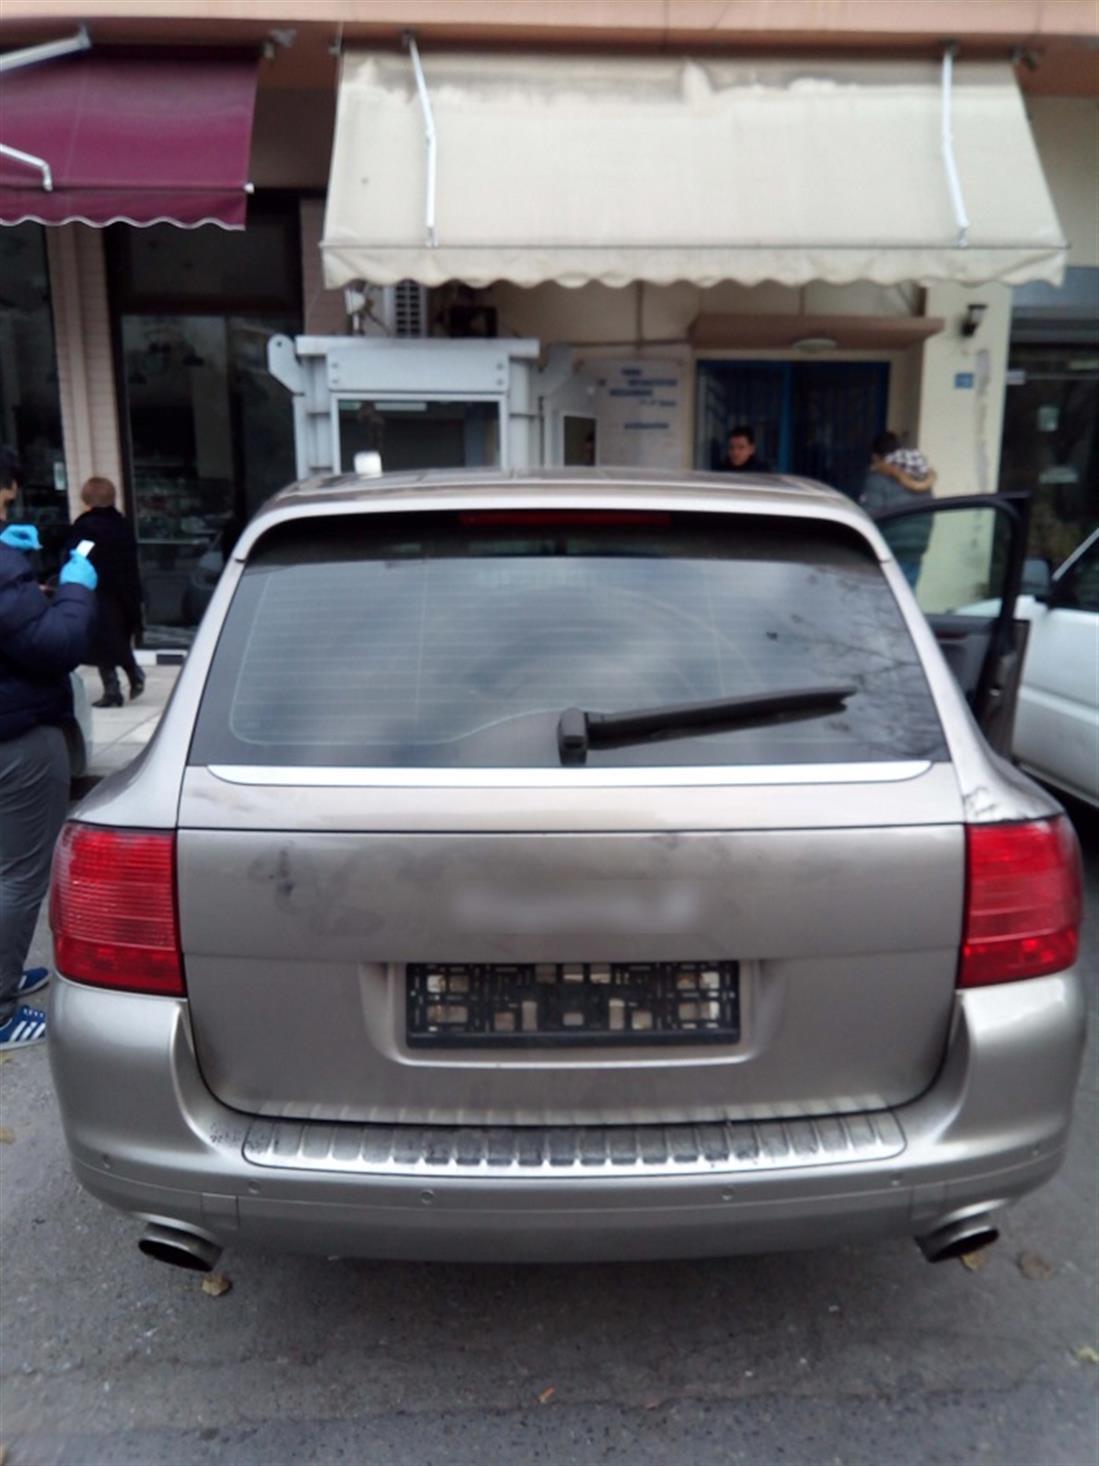 Θεσσαλονίκη - μεταφορά αλλοδαπών - Porsche Cayenne - κλεμμένες πινακίδες